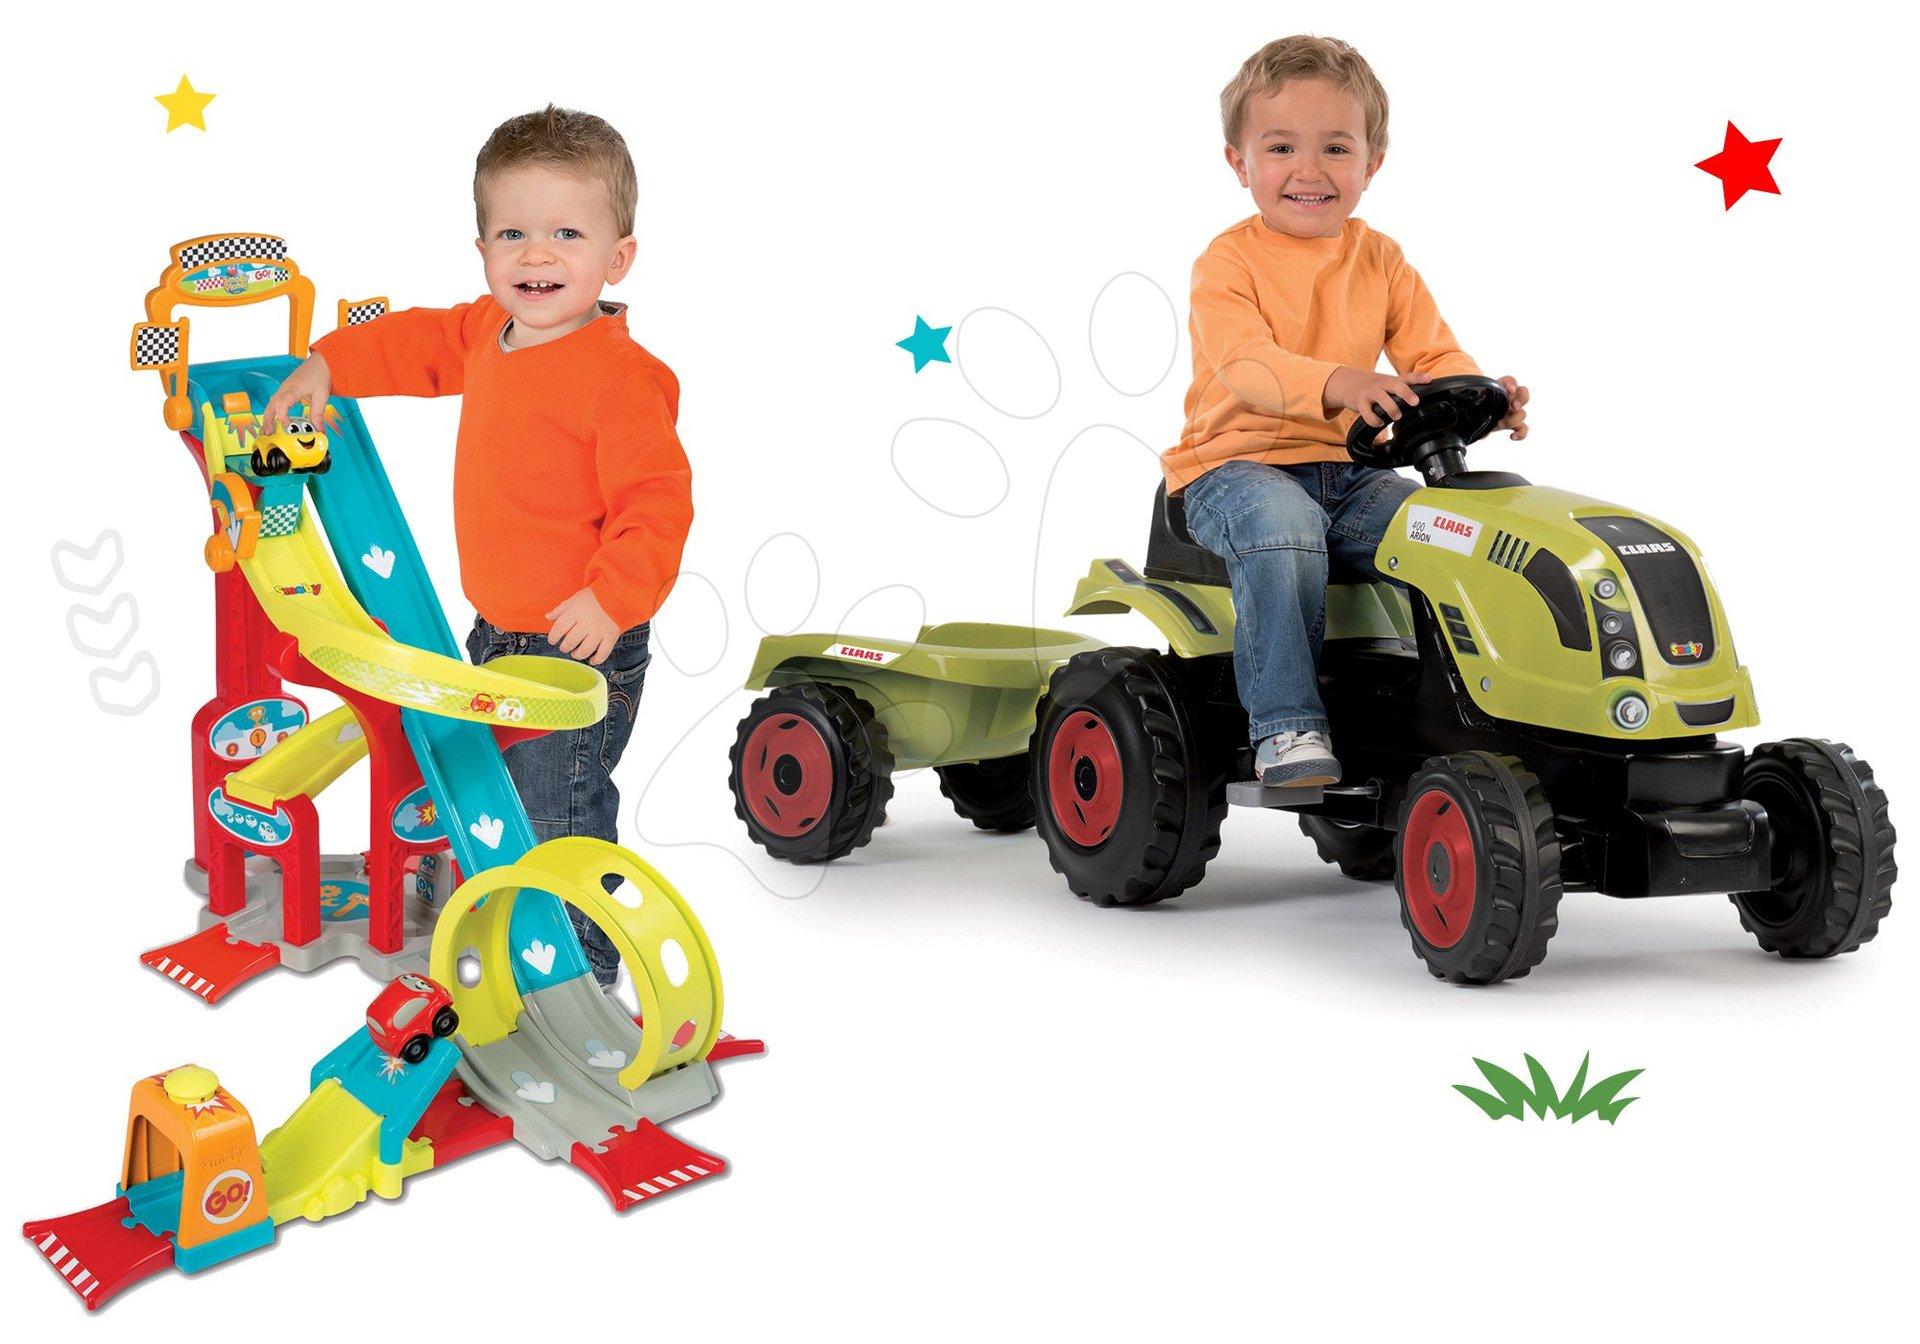 Set traktor na šlapání Claas Farmer XL s přívěsem Smoby a autodráha Vroom Planet Mega Jump